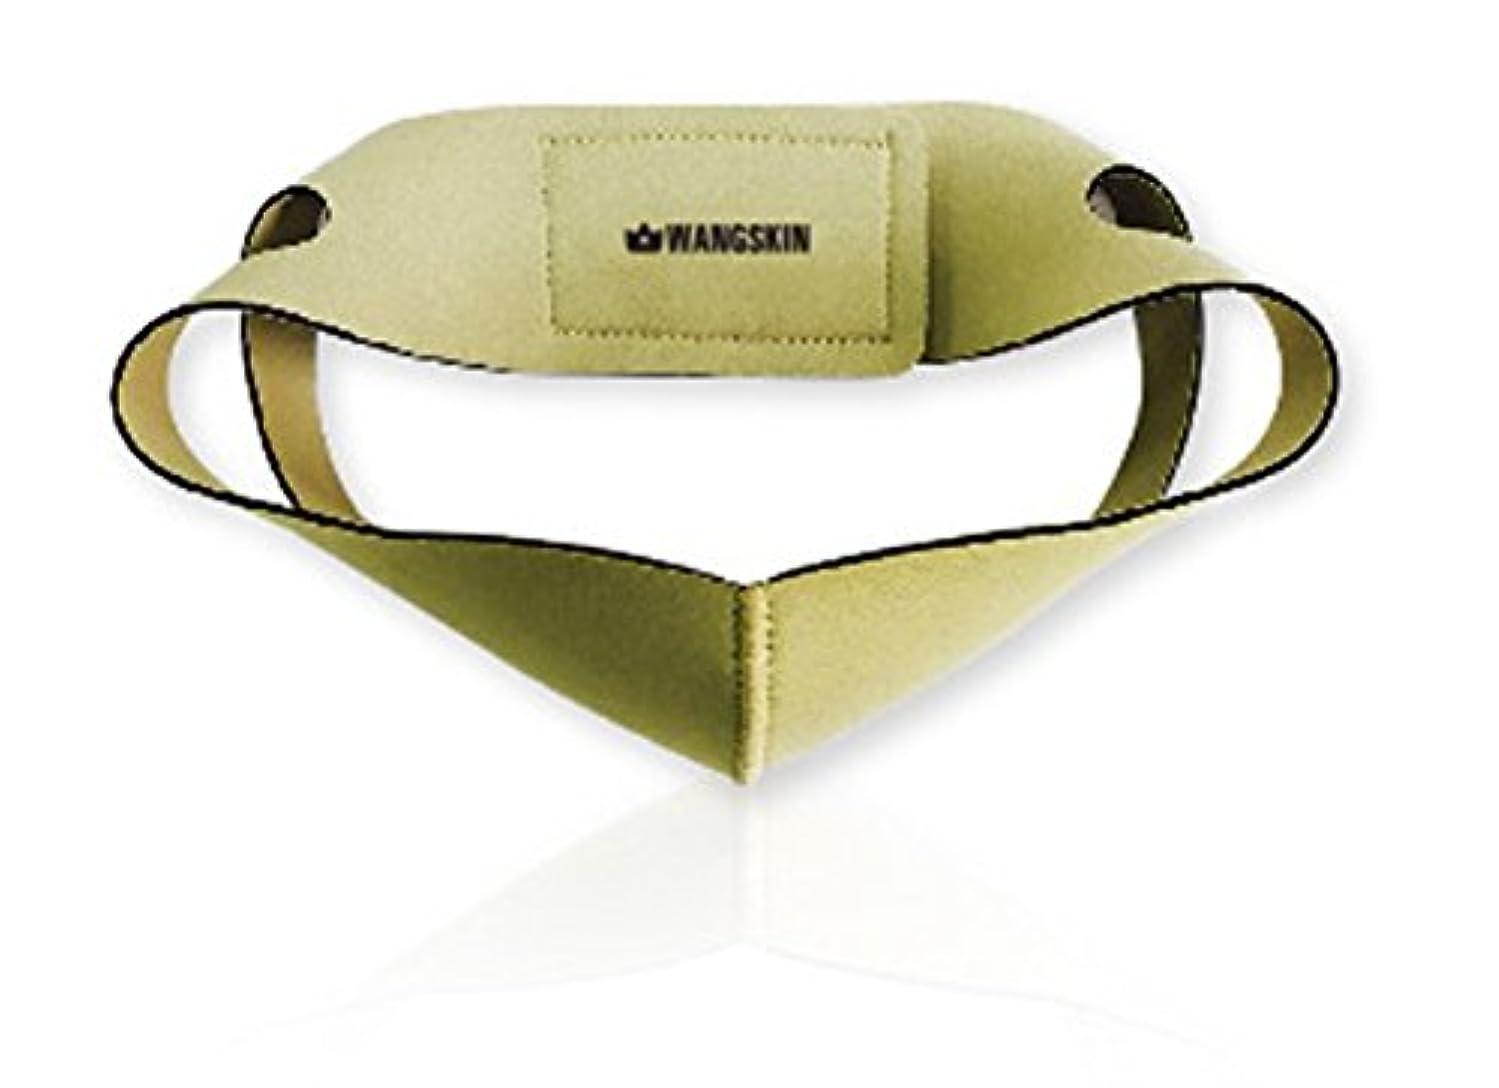 ラッチ中間制約WANSKIN Face V-line リフティングバンド バイオネオプレンシ ワ改善 弾力 ISO9001認証 海外直送品 (Face V-line Lifting Band Bio NeoFran Wrinkle Elasticity...